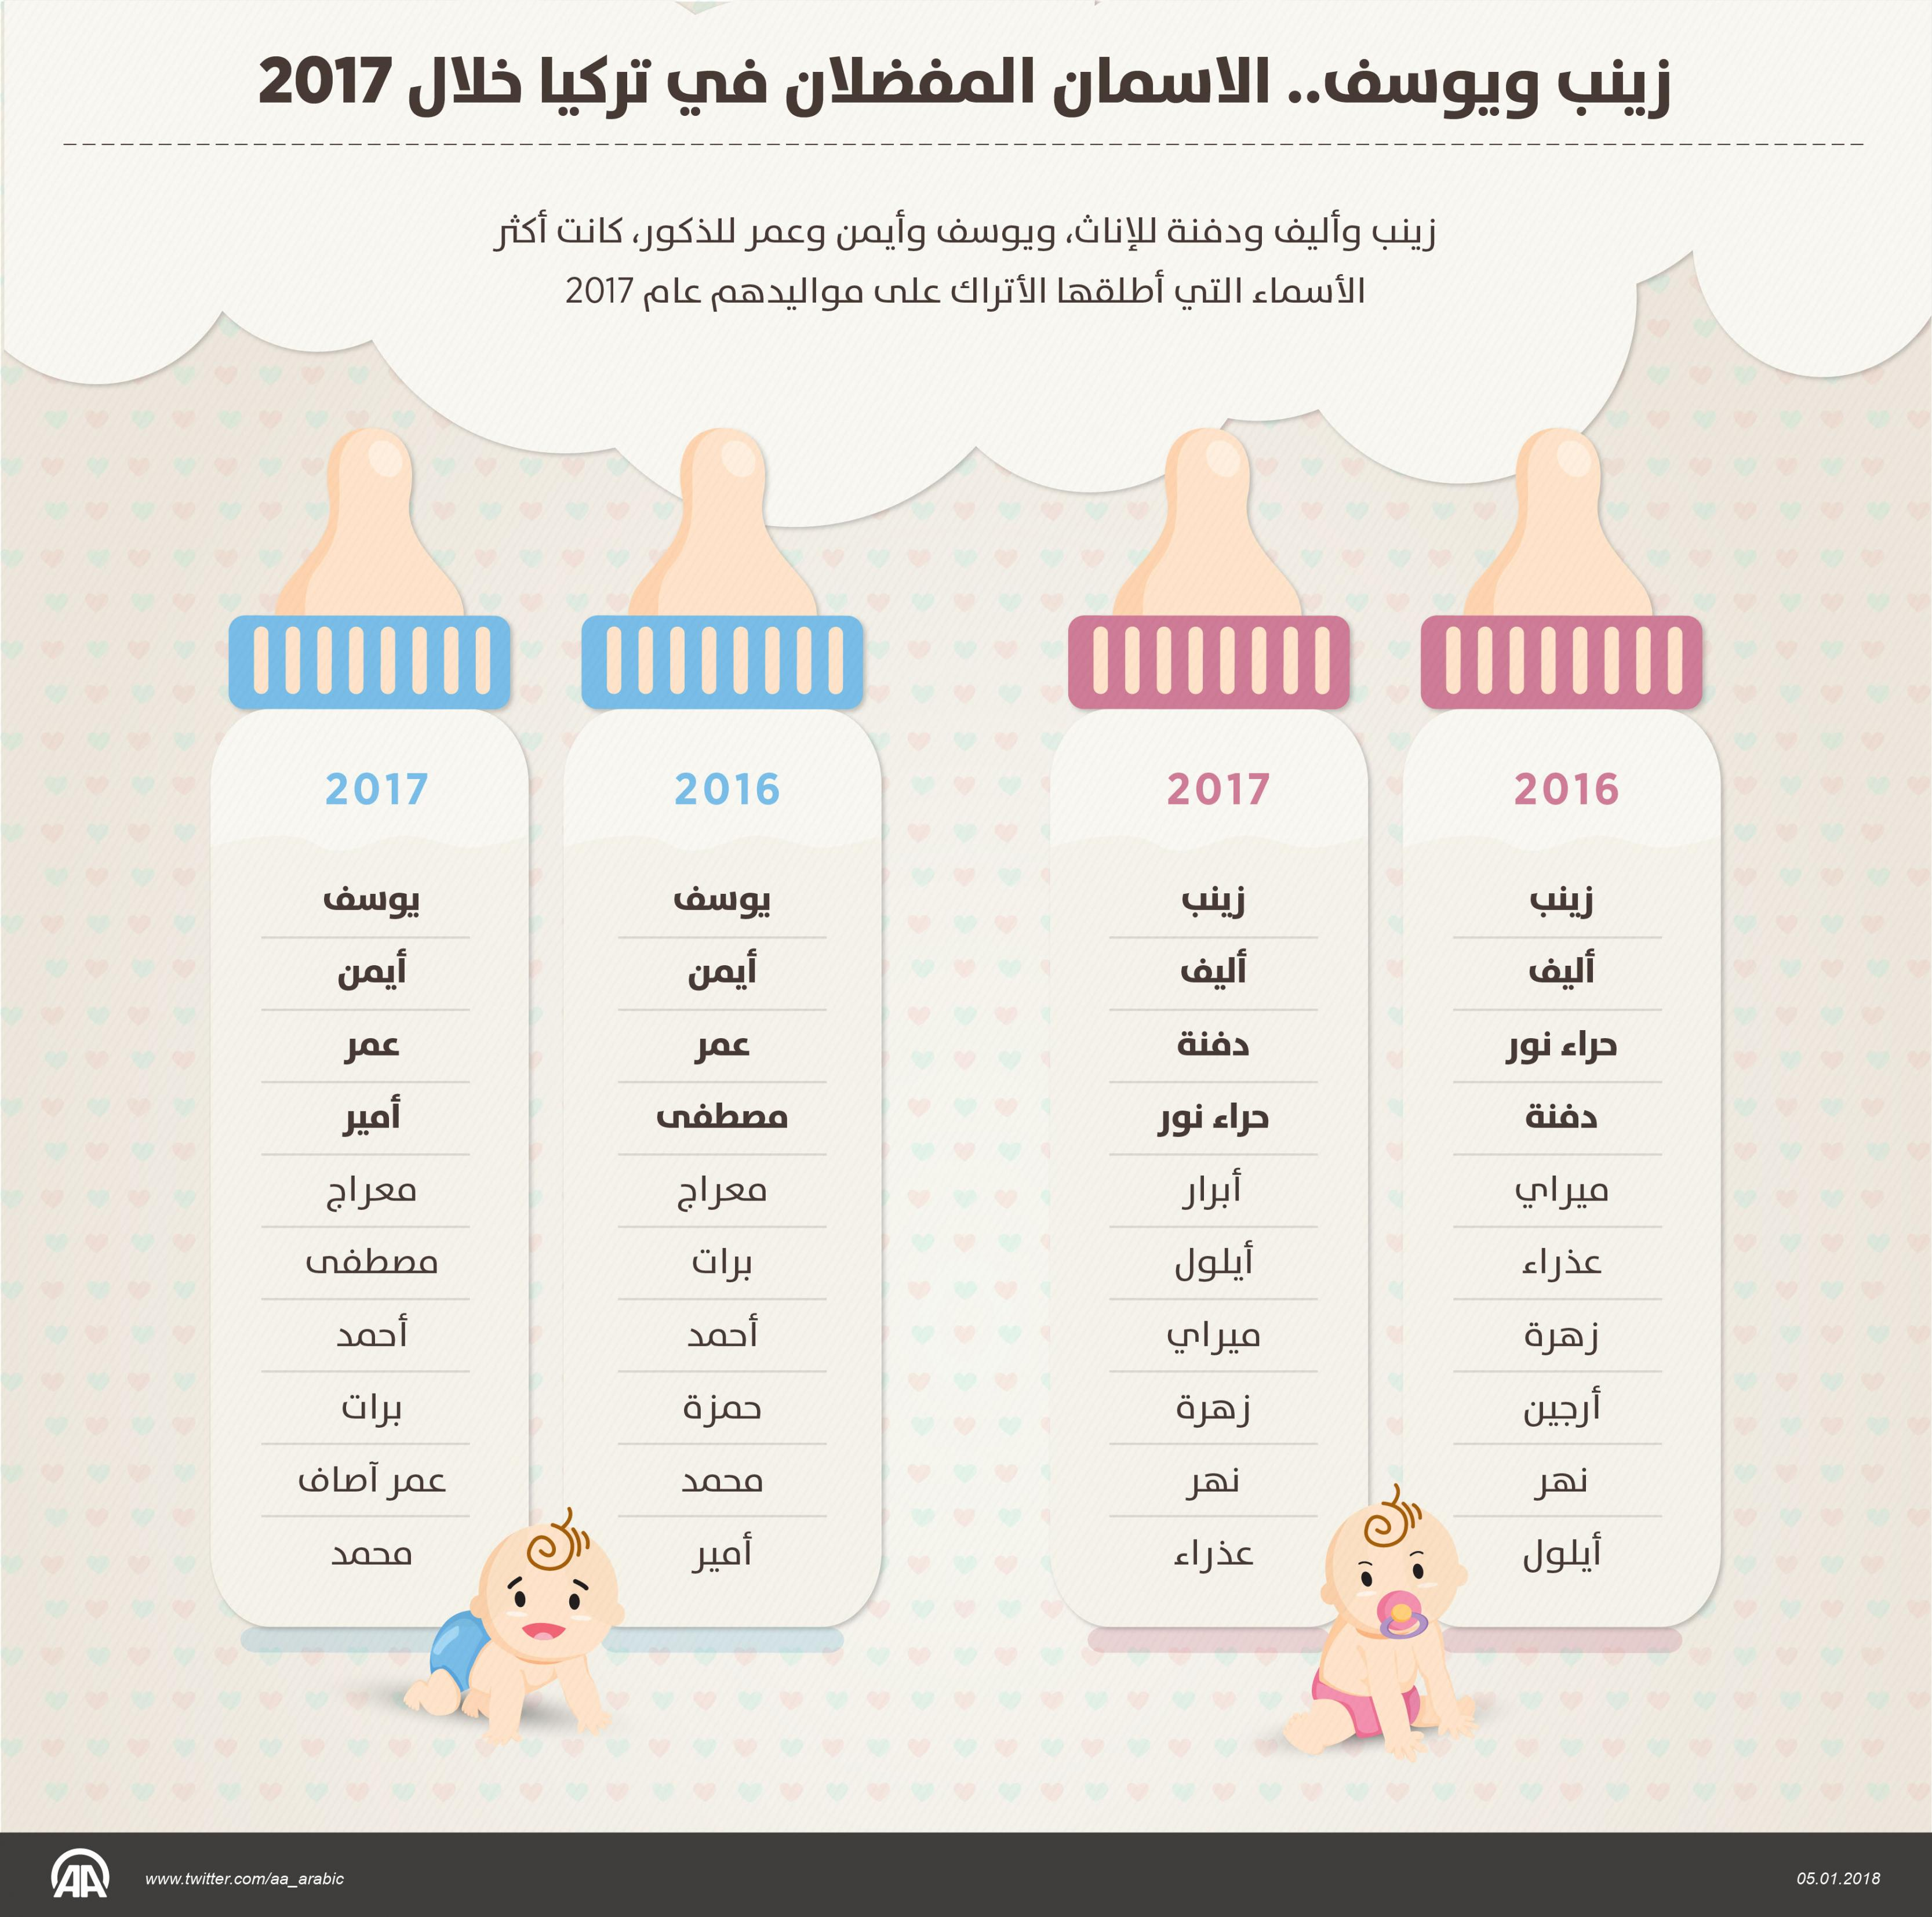 cc5d5cae3 اسماء اولاد تركية , اجمل الاسماء التركية للمواليد الجدد - اجمل هدية